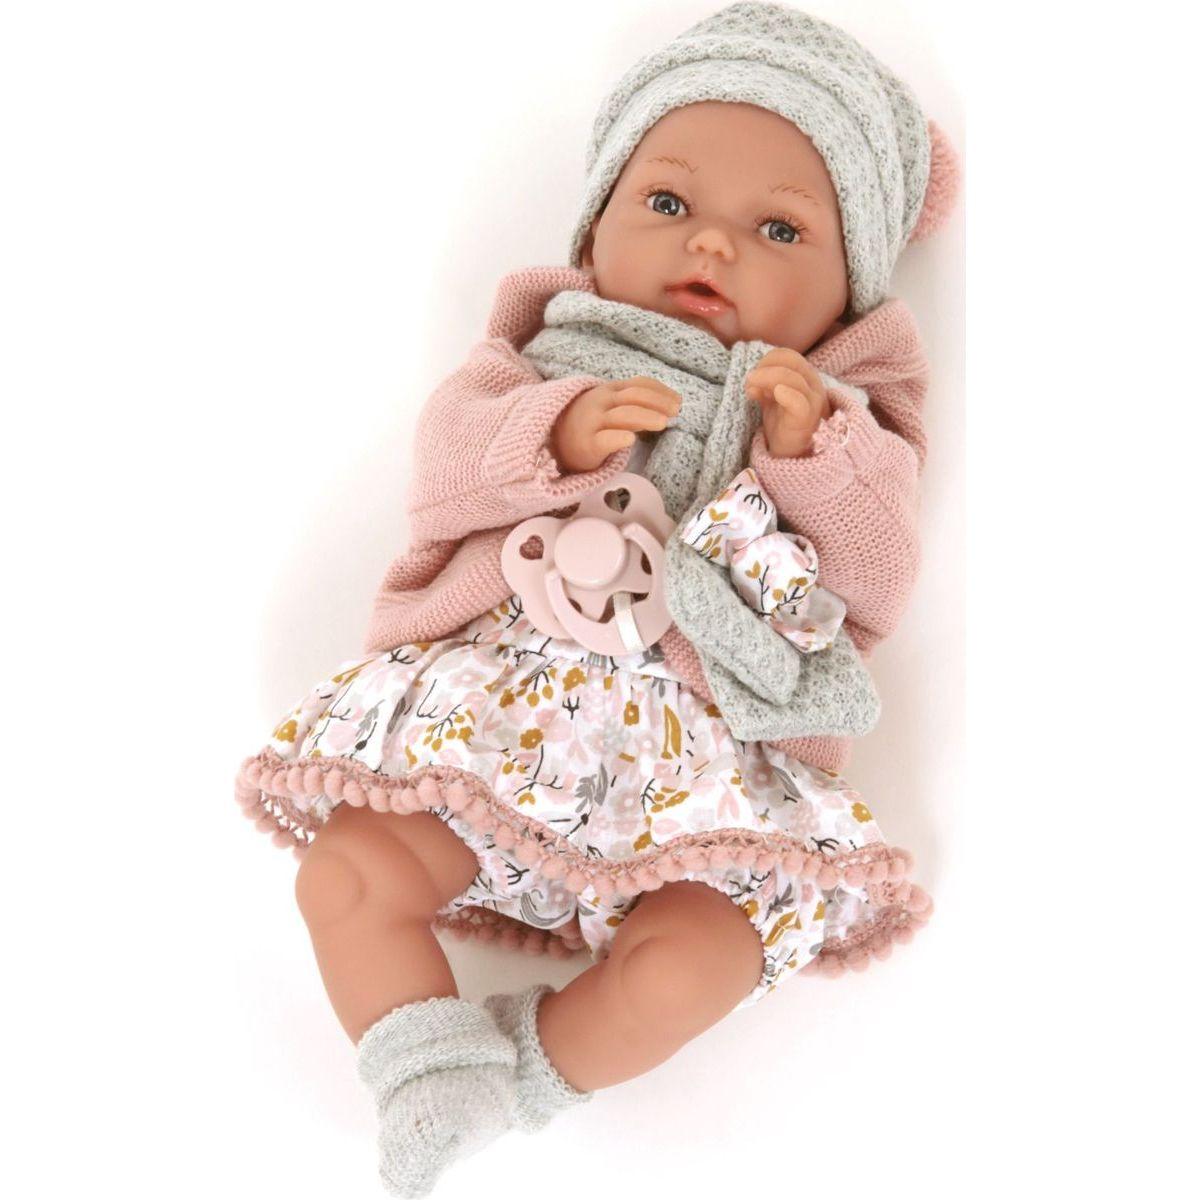 Antonio Juan 17194 Peke realistická panenka Miminko se speciální pohybovou funkcí a měkkým látkovým tělem 29 cm